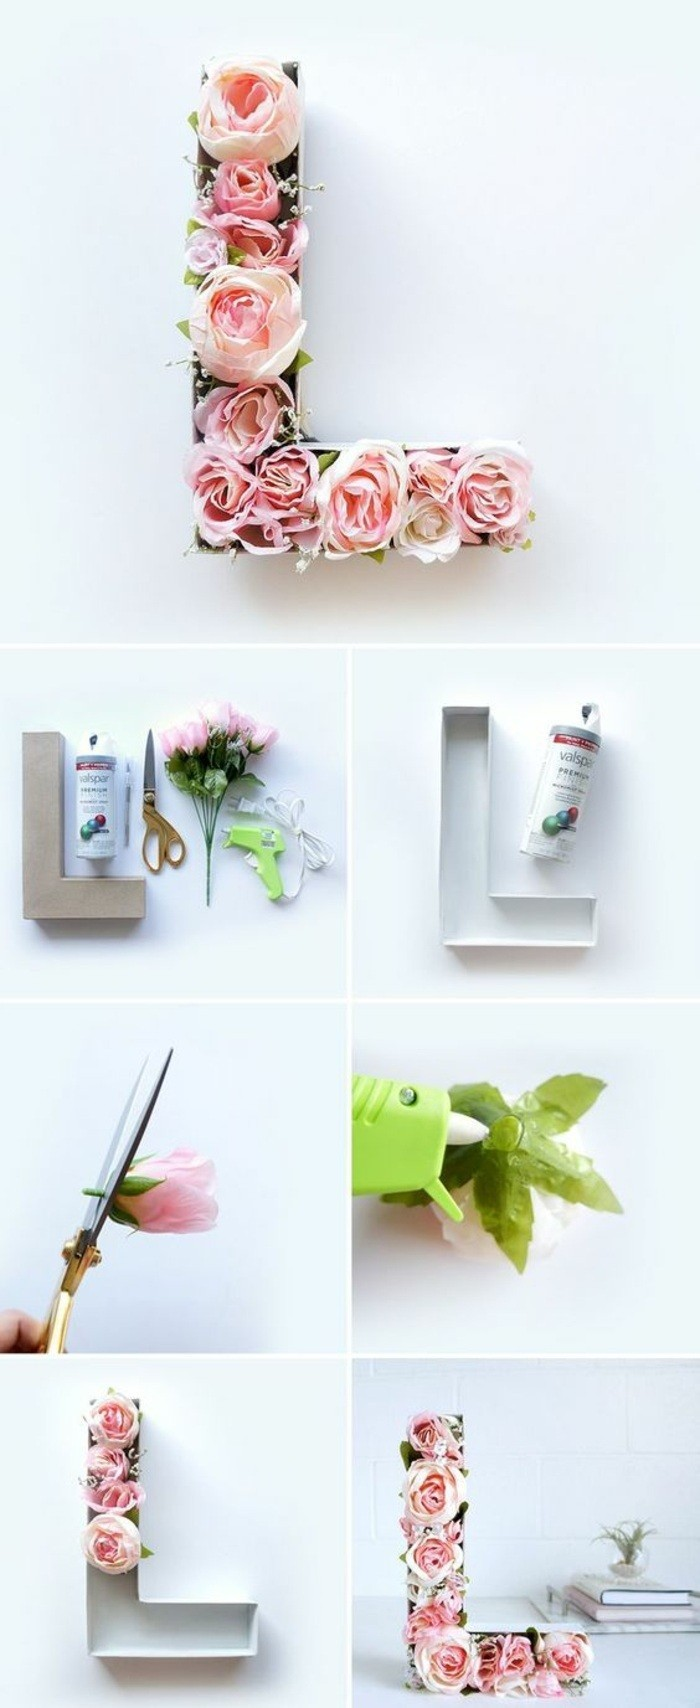 lettre murale remplie de roses, idée déco mur avec feuillage et fleurs, mur gris pâle